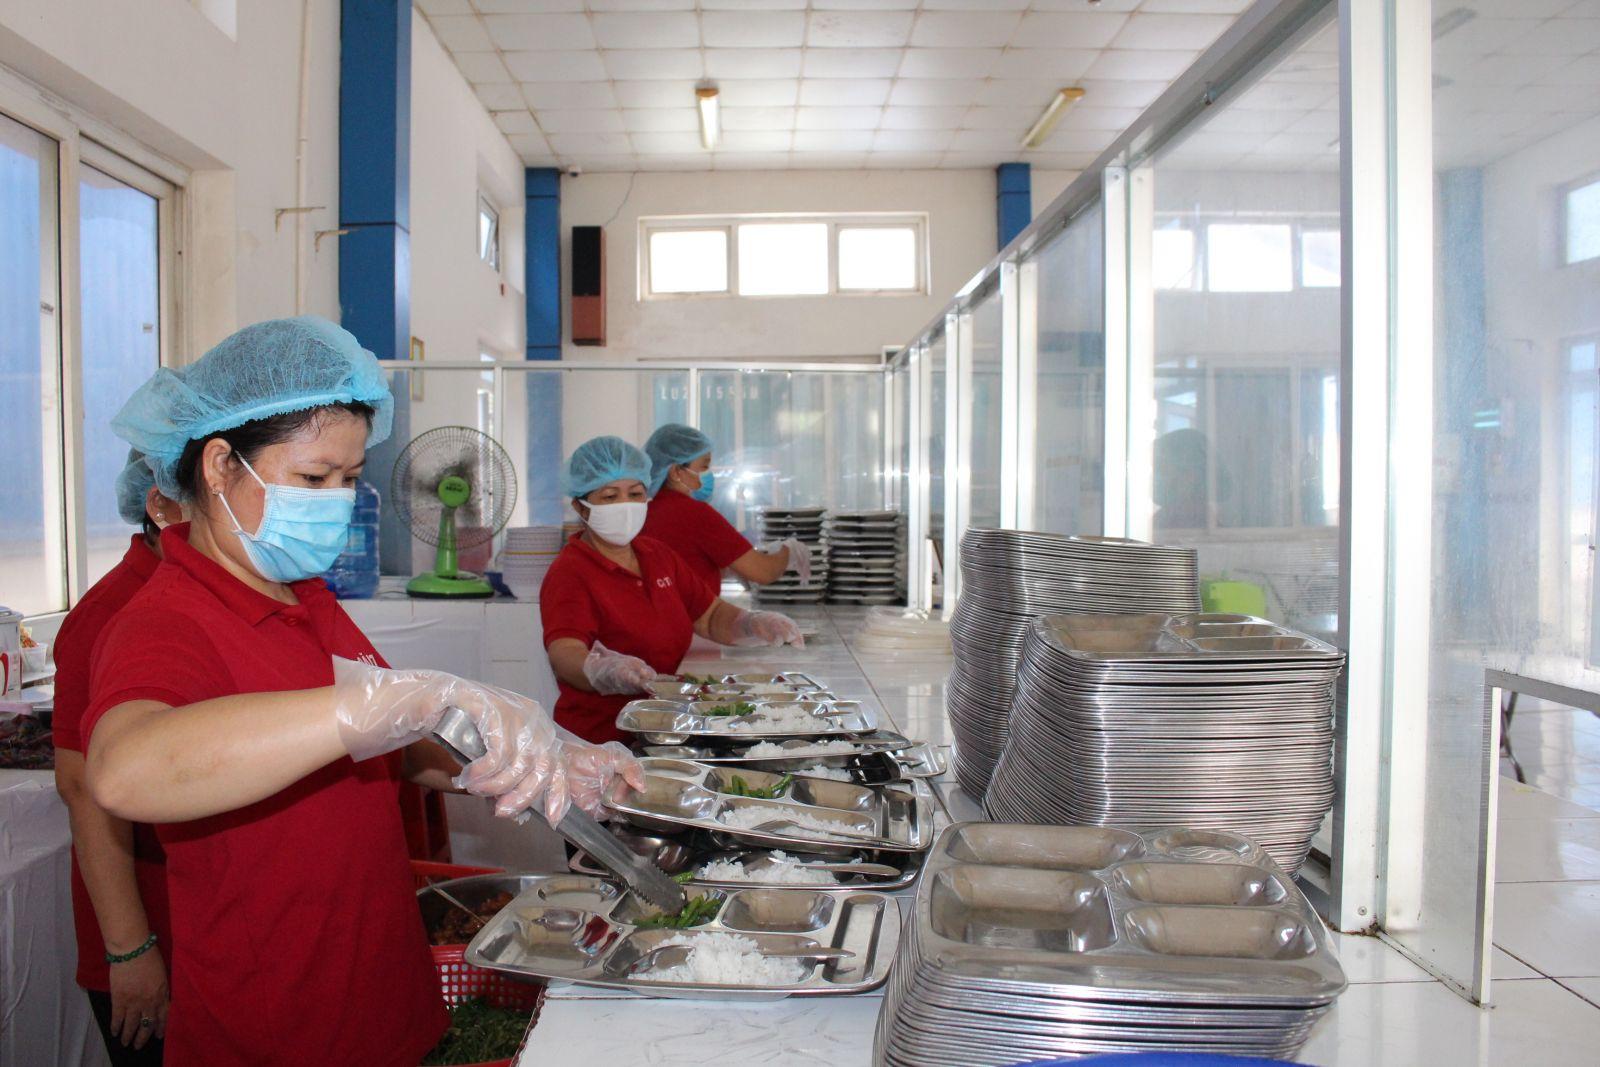 Bảo đảm an toàn thực phẩm từ bếp ăn tập thể cho công nhân, lao động đóng vai trò quan trọng